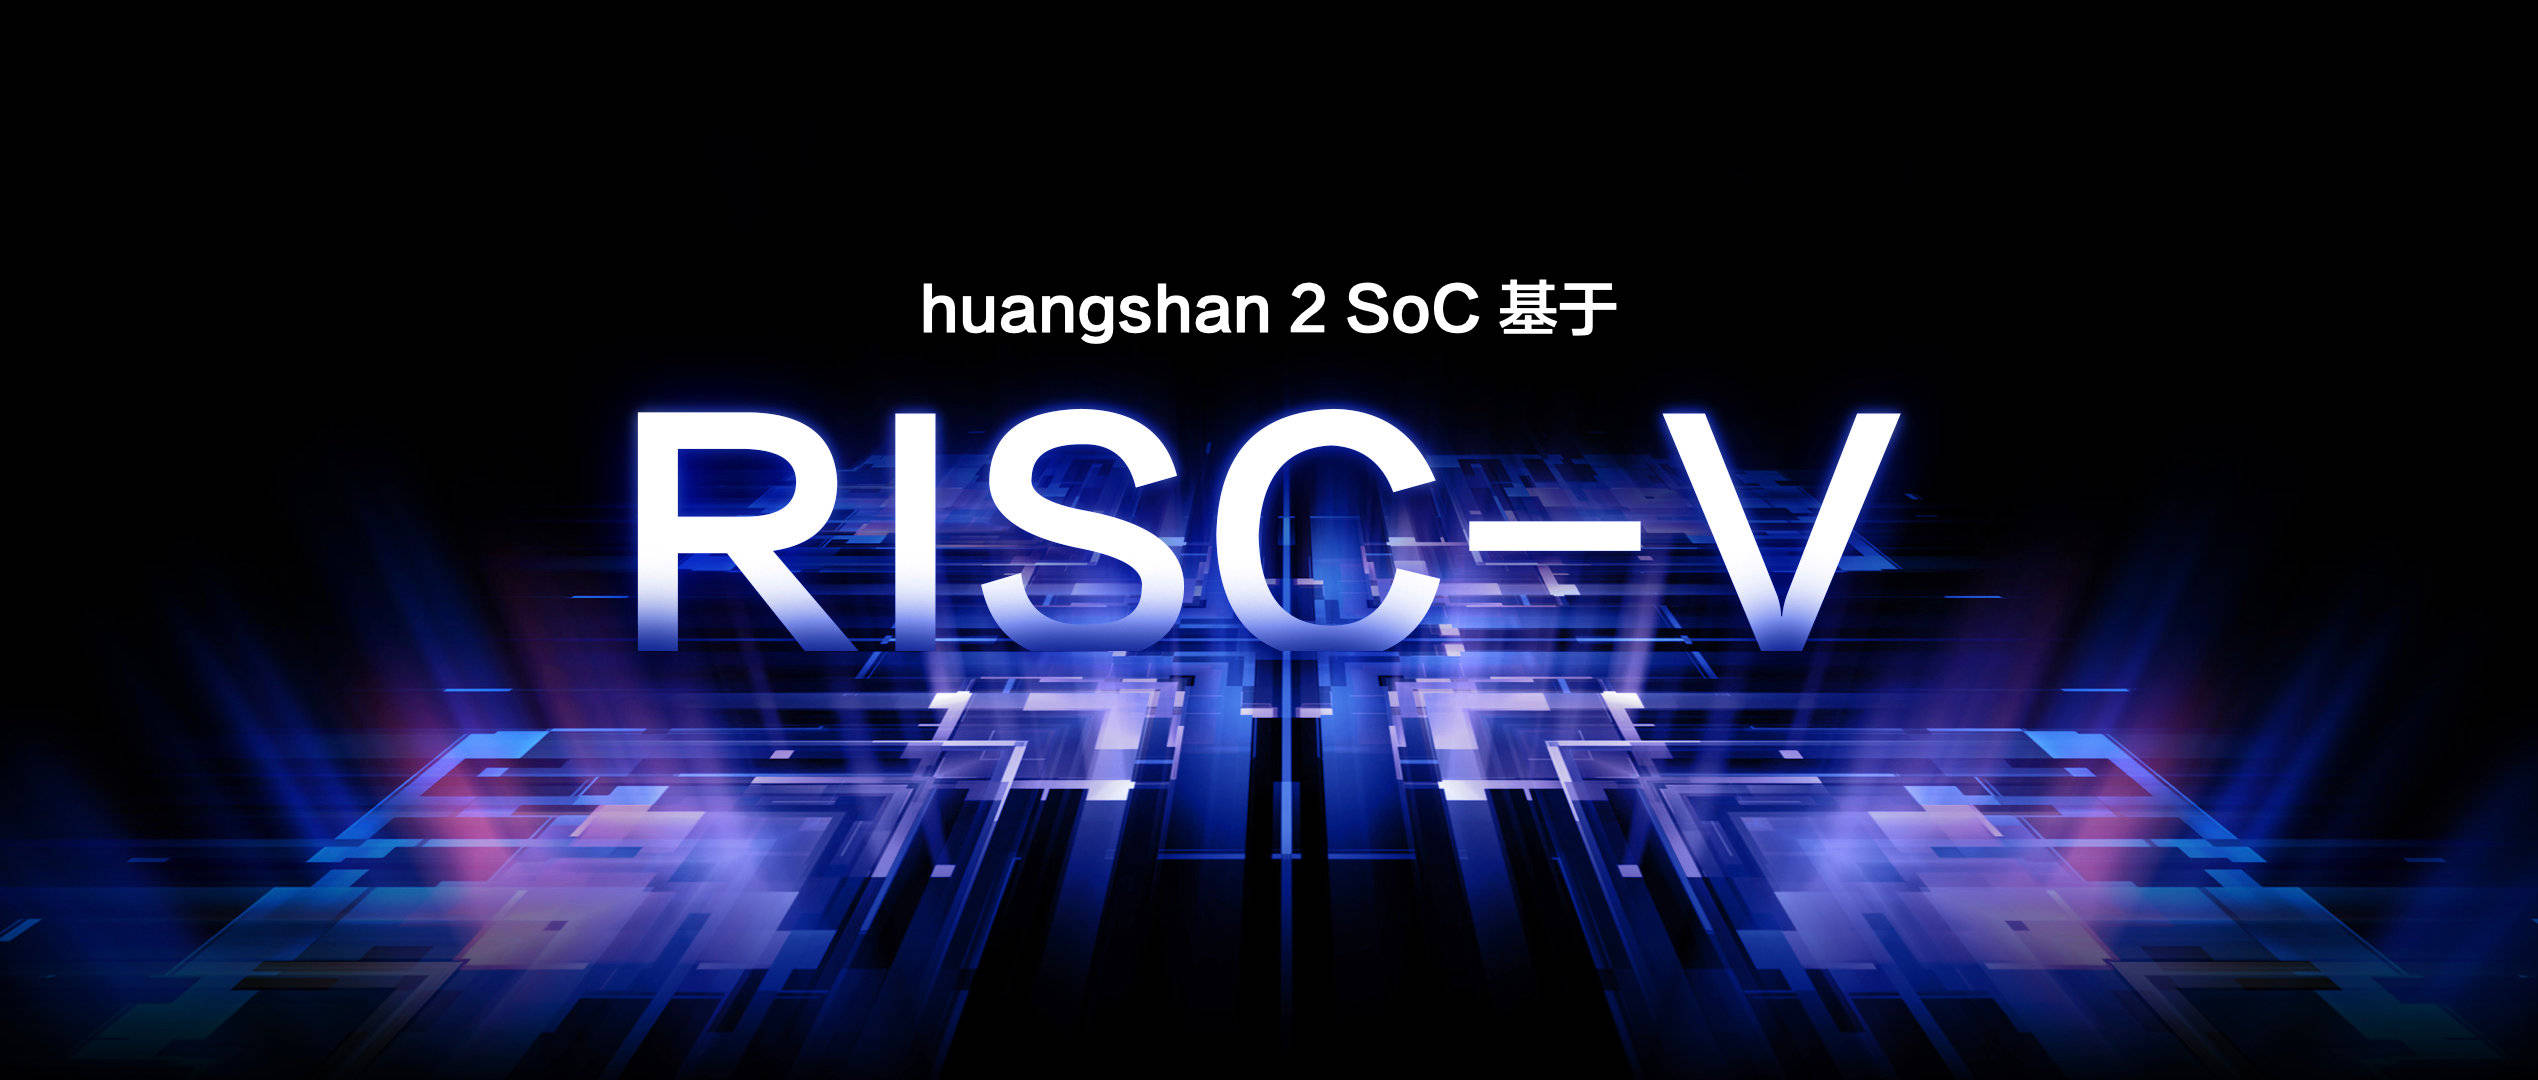 Huangshan 2 Huami